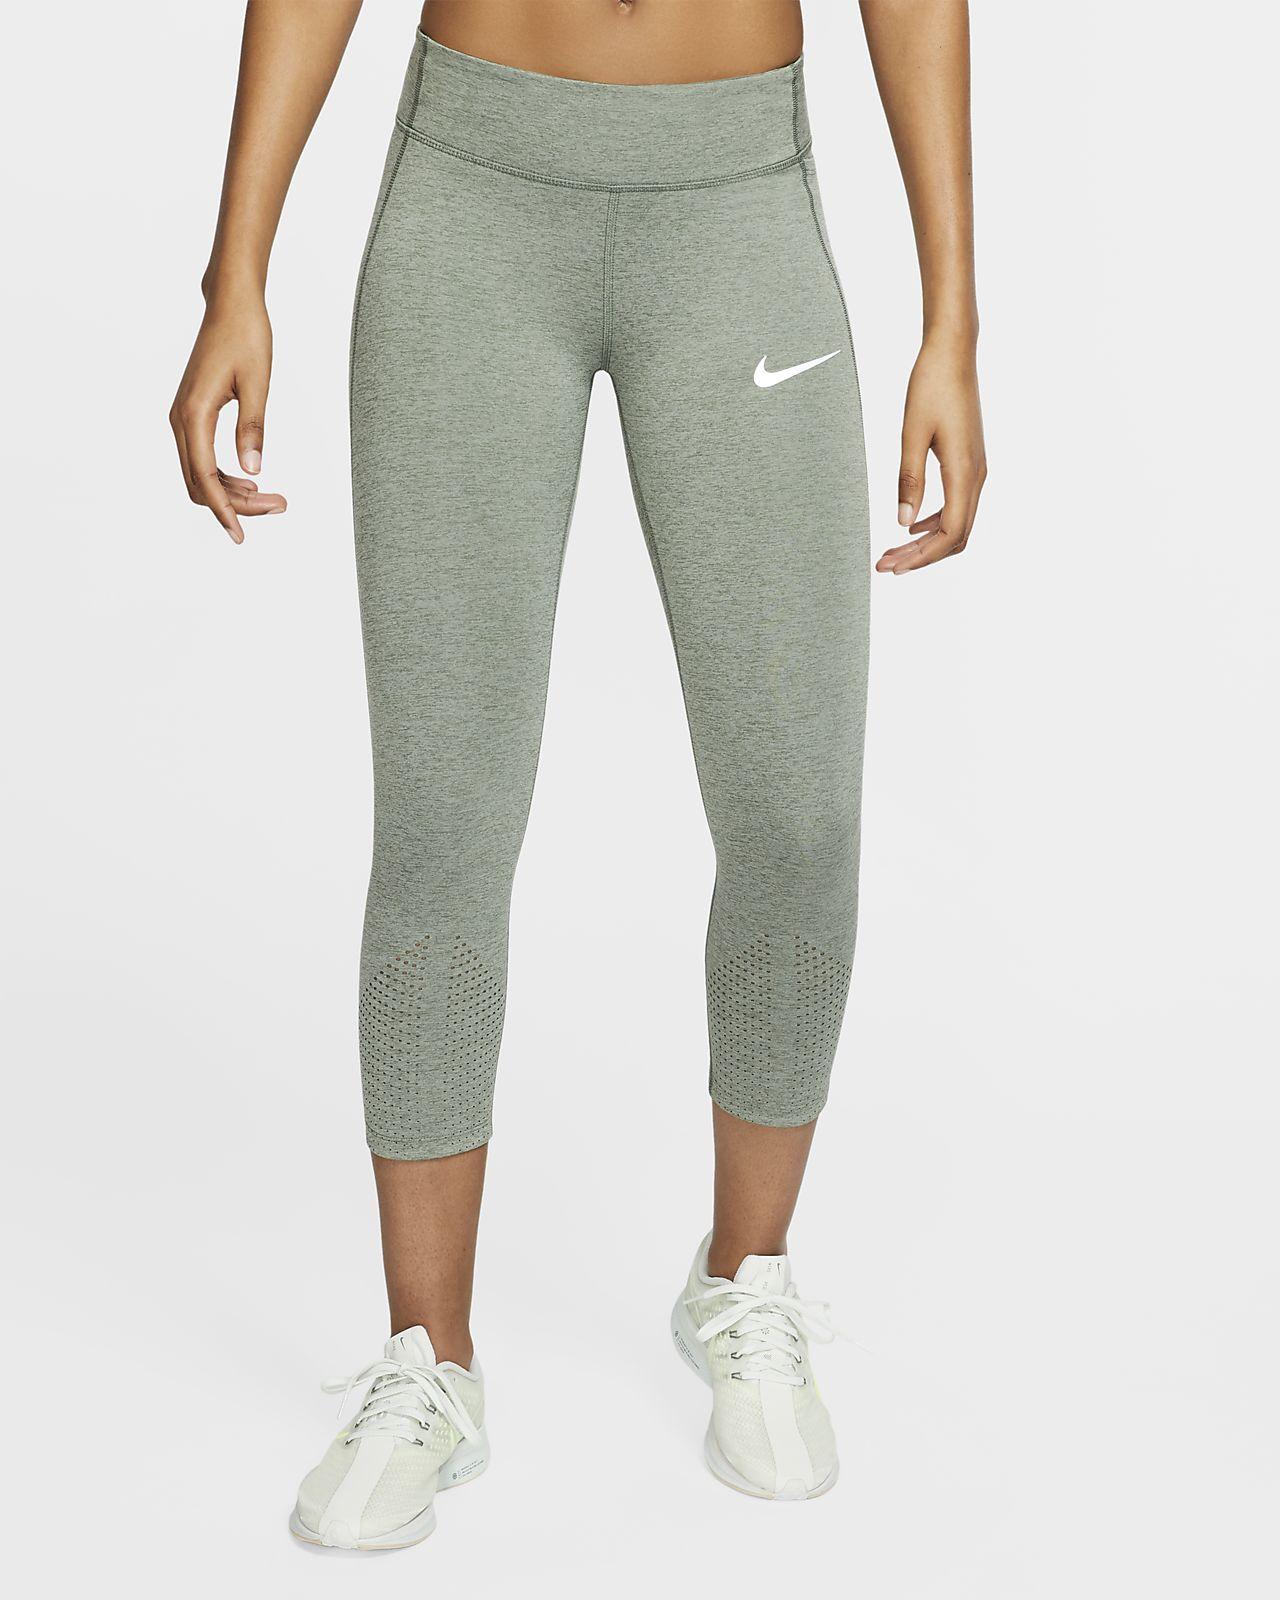 Nike Epic Lux 3/4-es női futónadrág